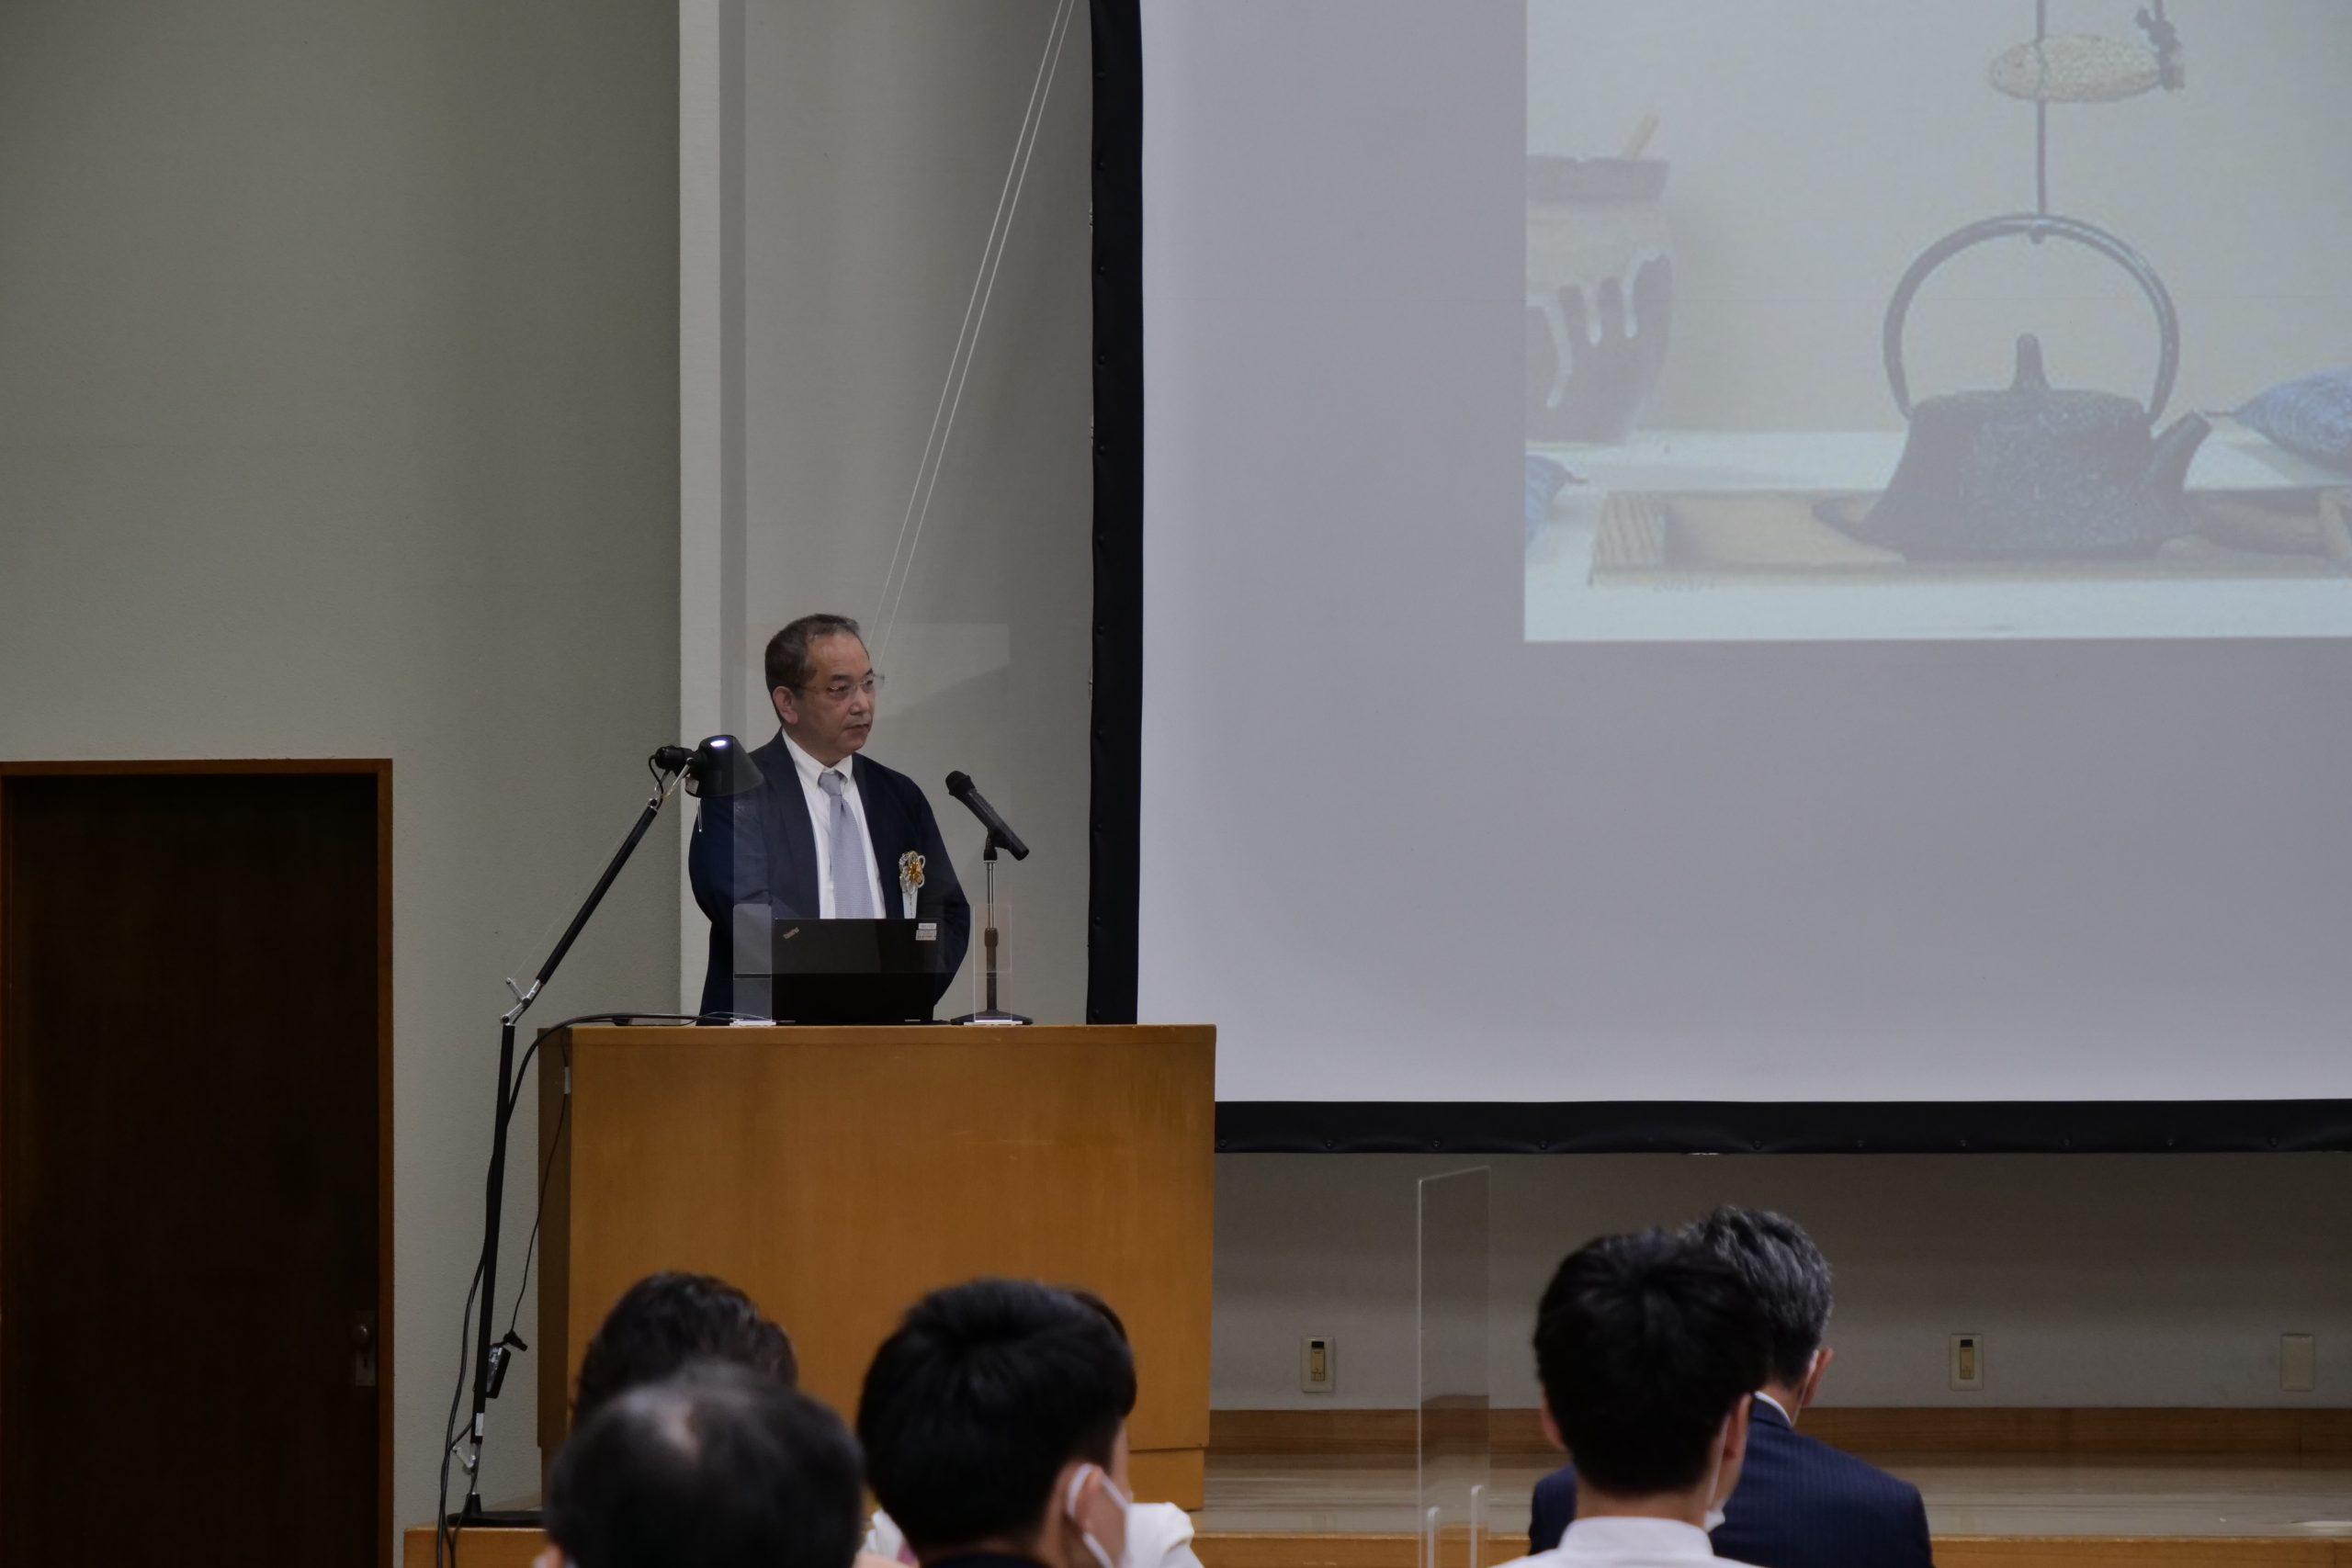 第7回いよぎんビジネスプランコンテストにおいて臨床腫瘍学講座の薬師神芳洋教授がDX賞を受賞しました